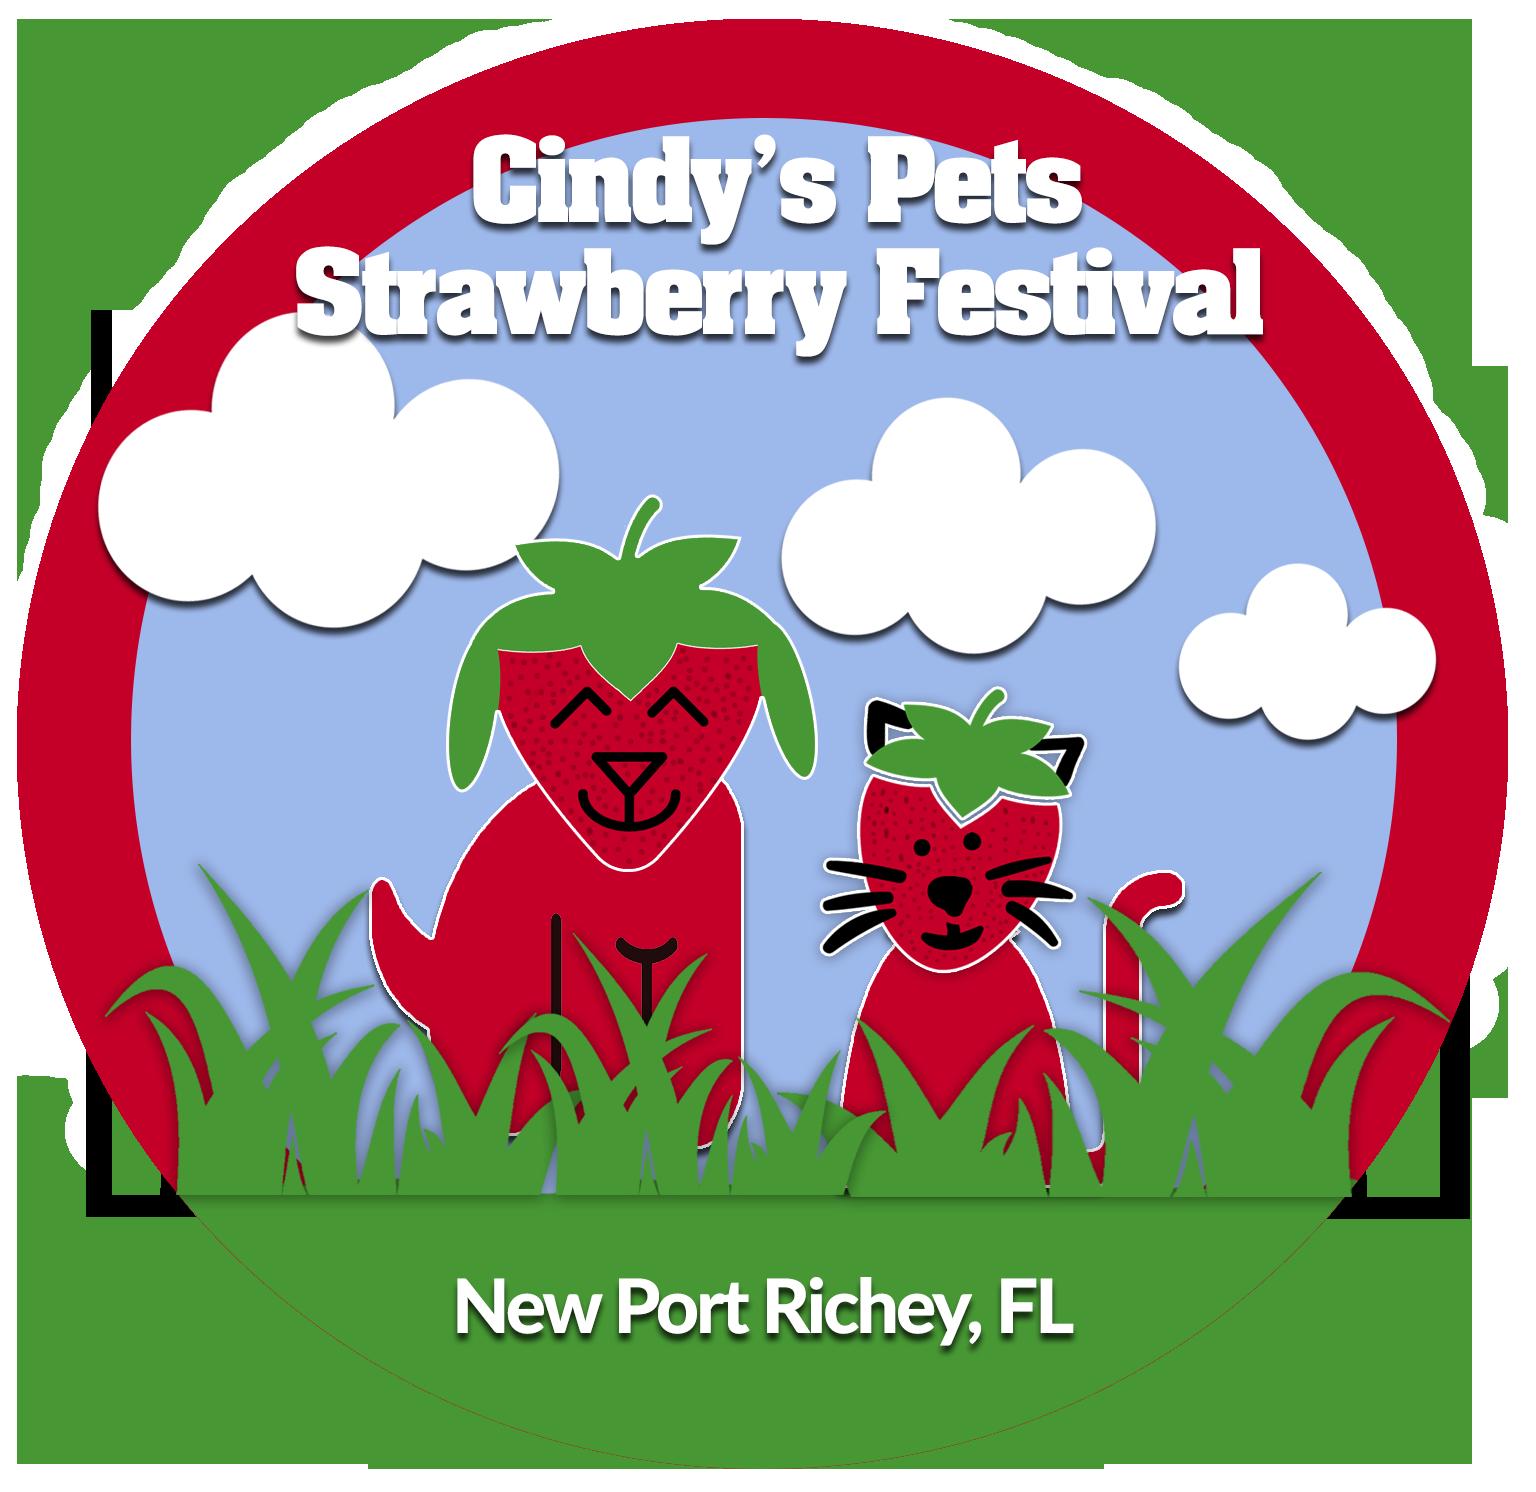 Strawberry Festival Logo no date